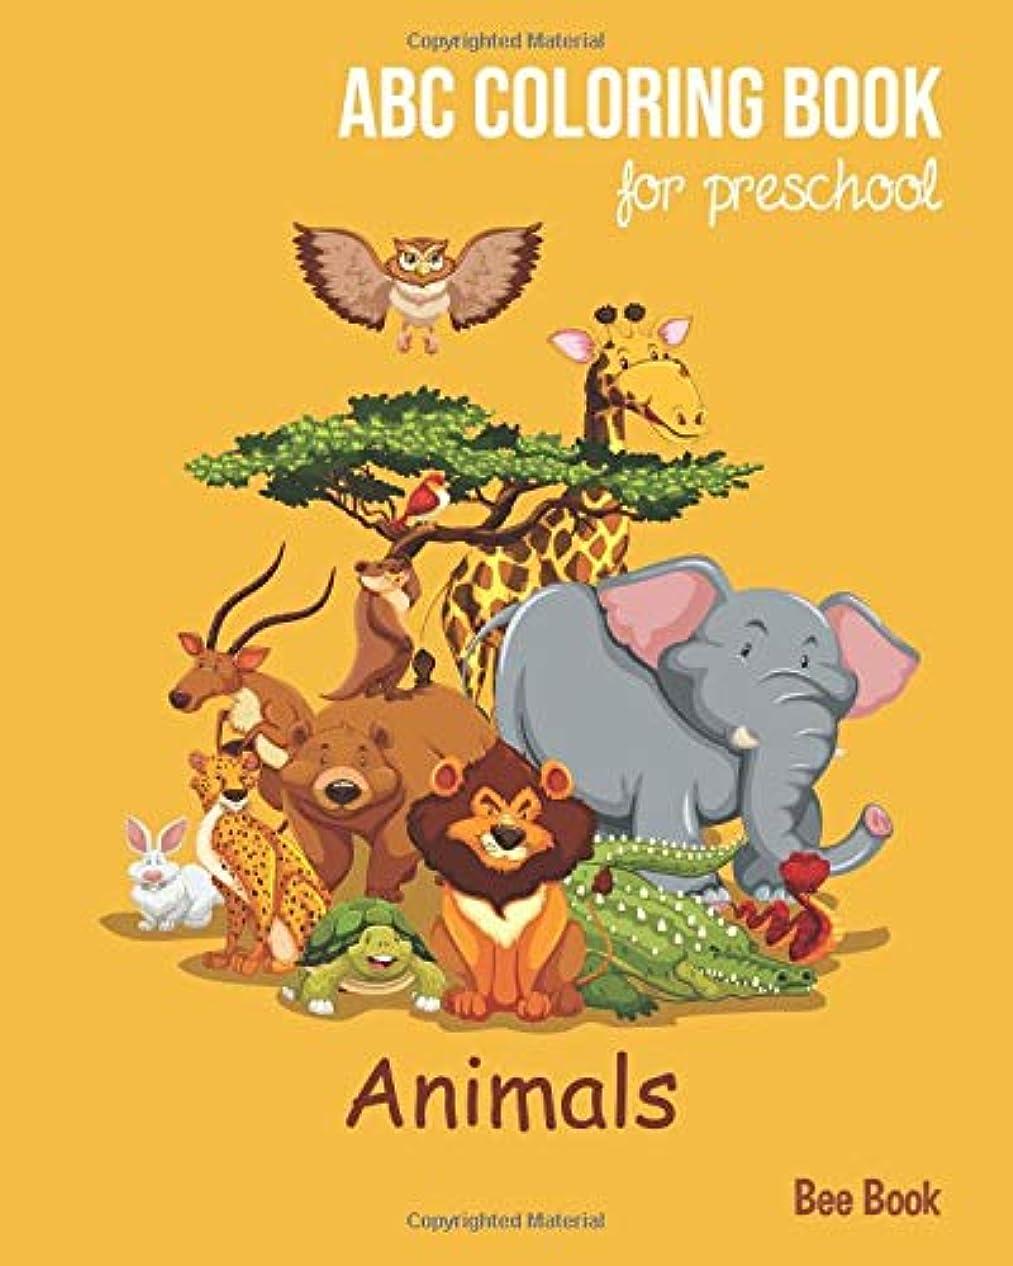 生物学無条件スポンサーAnimals ABC Coloring Book For Preschool: Toddlers And Kids. Fun Animals Coloring Books for Toddlers & Kids Ages 2-5 - Activity Book Teaches ABC, Letters & Words for Kindergarten & Preschool